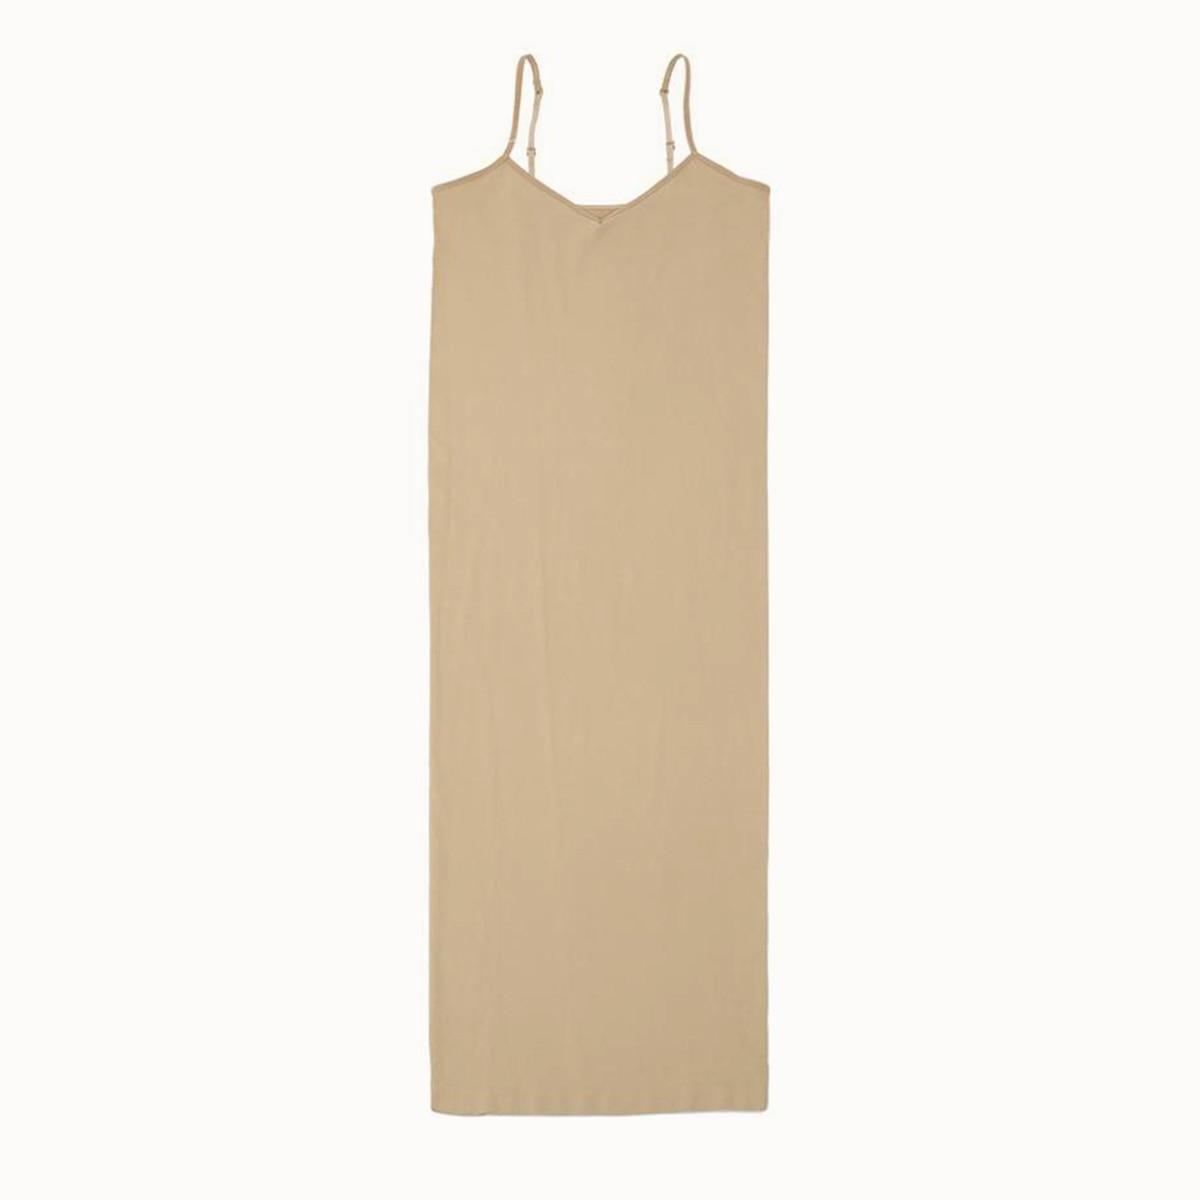 Stretchy Seamless Midi Slip Dress V Neck Sleeveless Cami Vestido Slim Bodycon Underdress 2020 Summer Women Strap Dresses 8